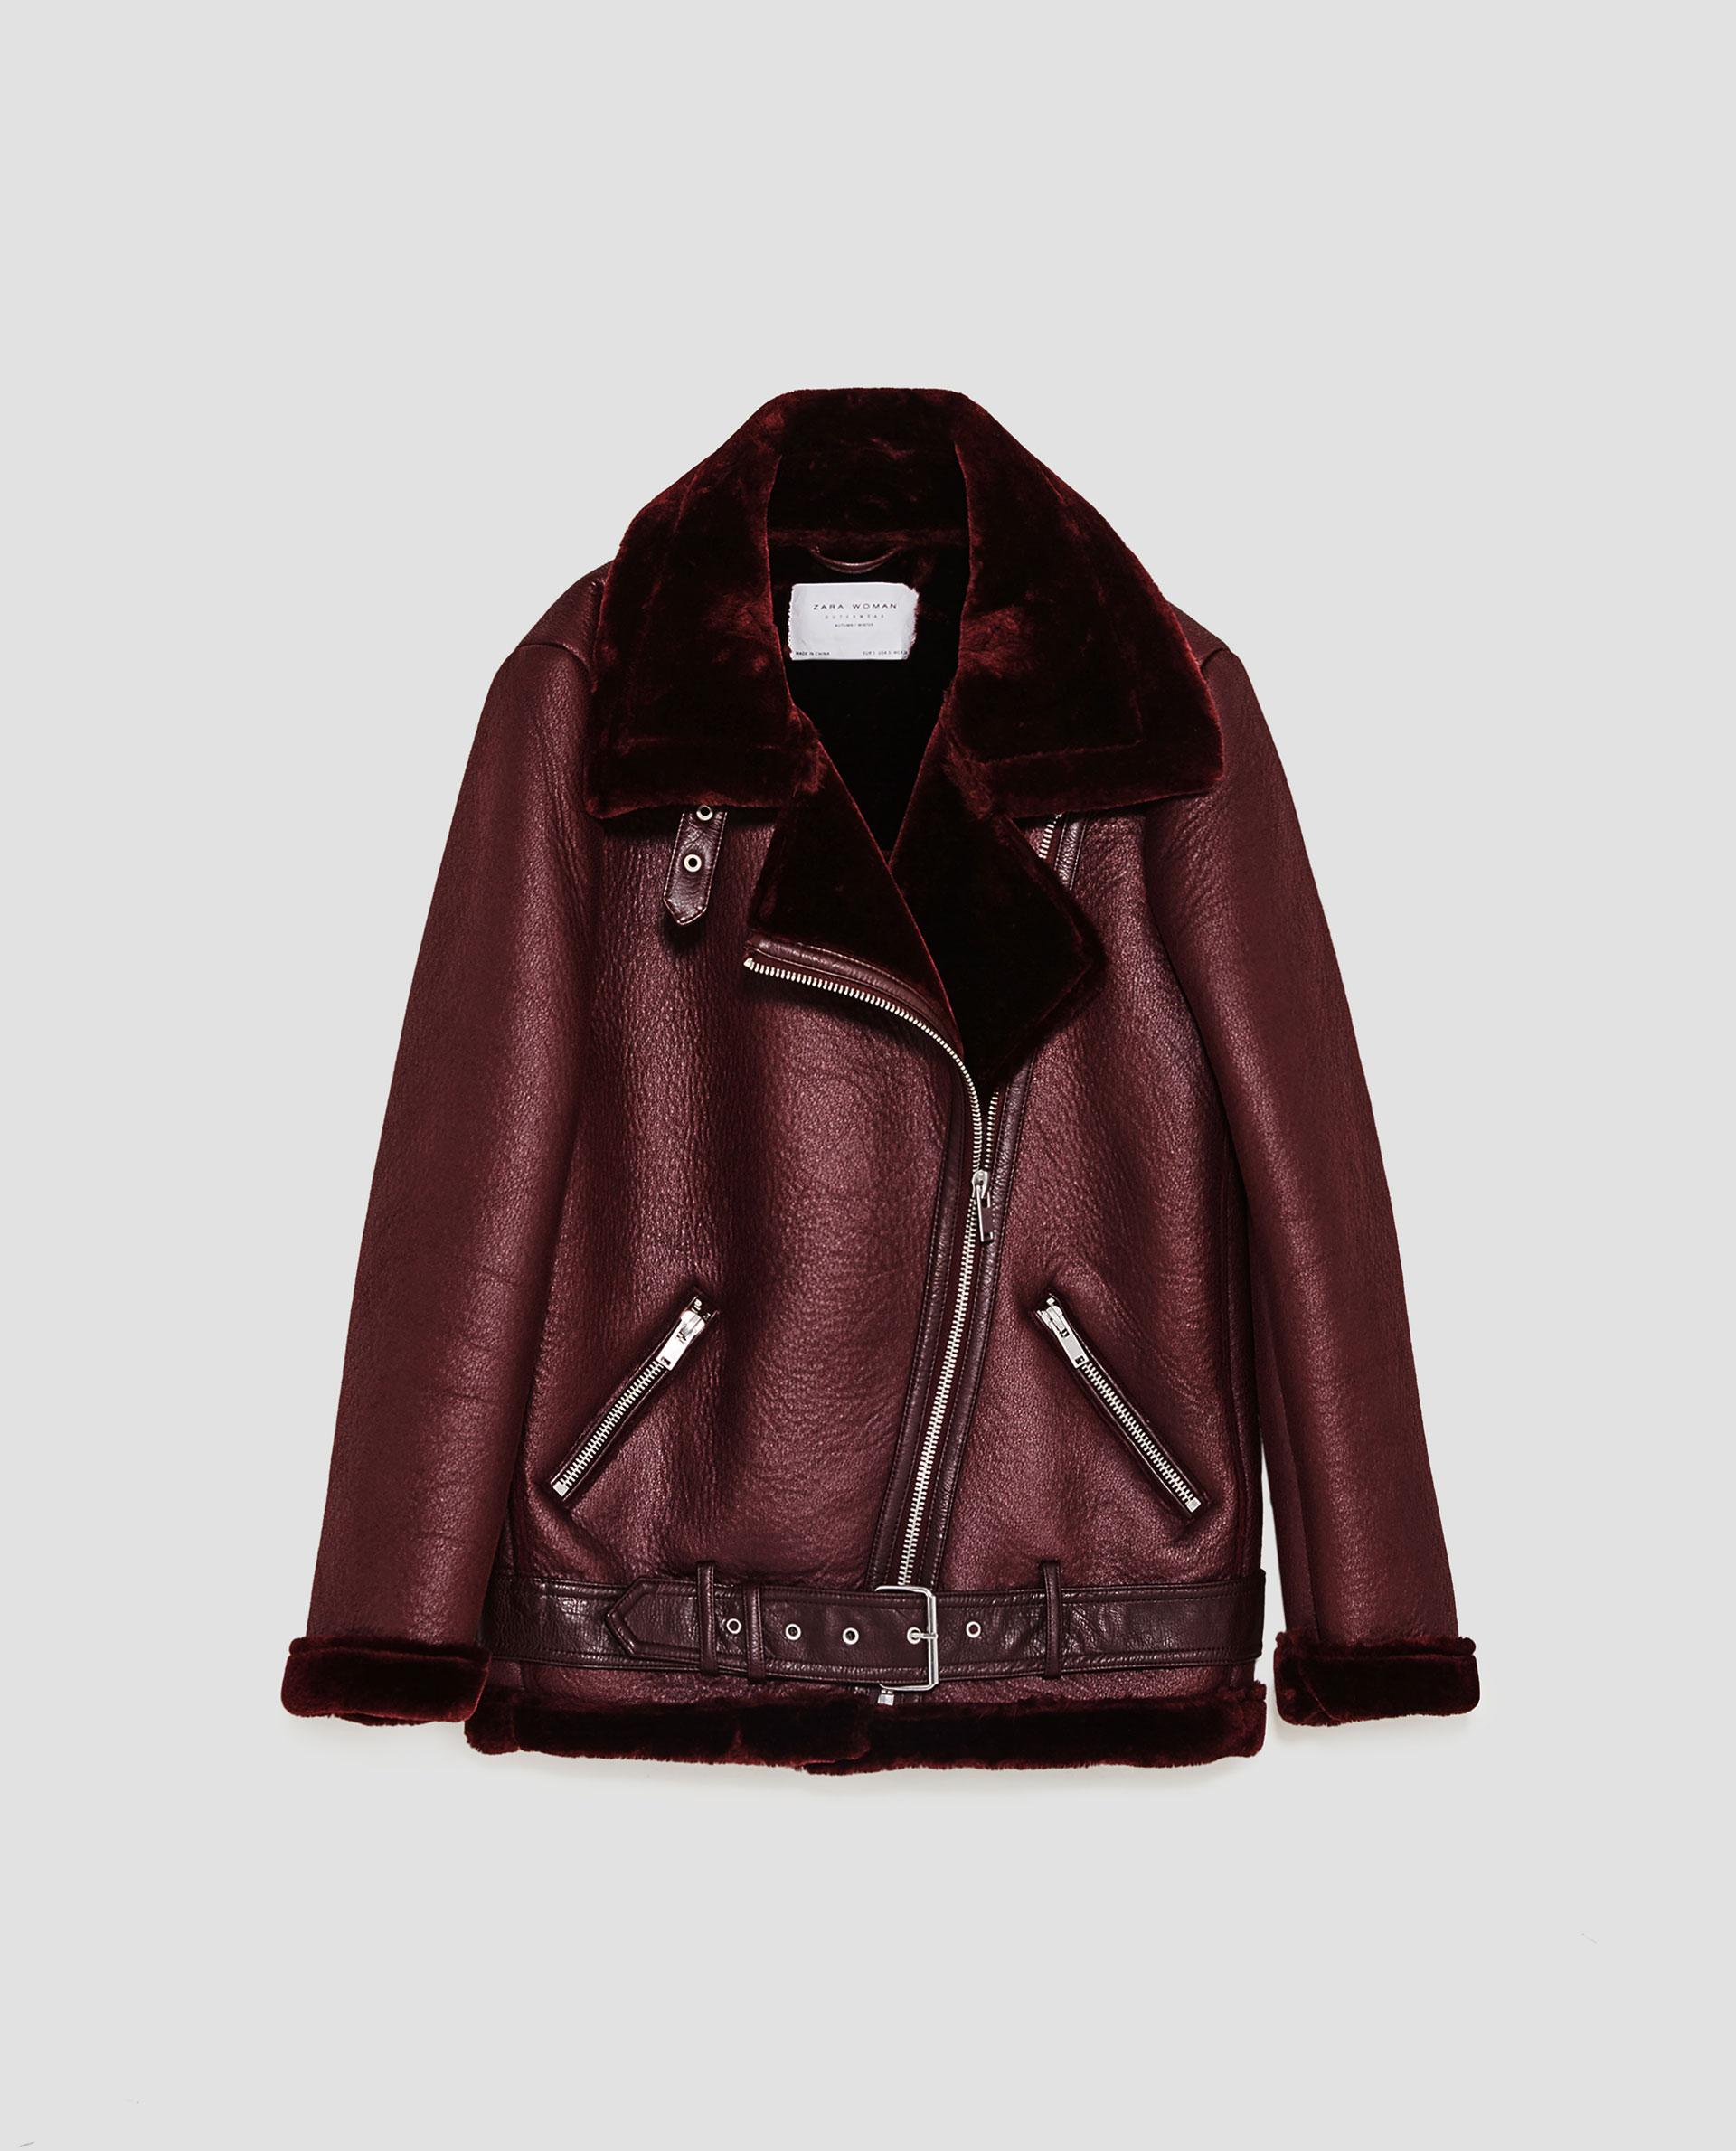 Zara Femme Veste Rouge Cuir Rxy6cqxr En wmOyvnN80